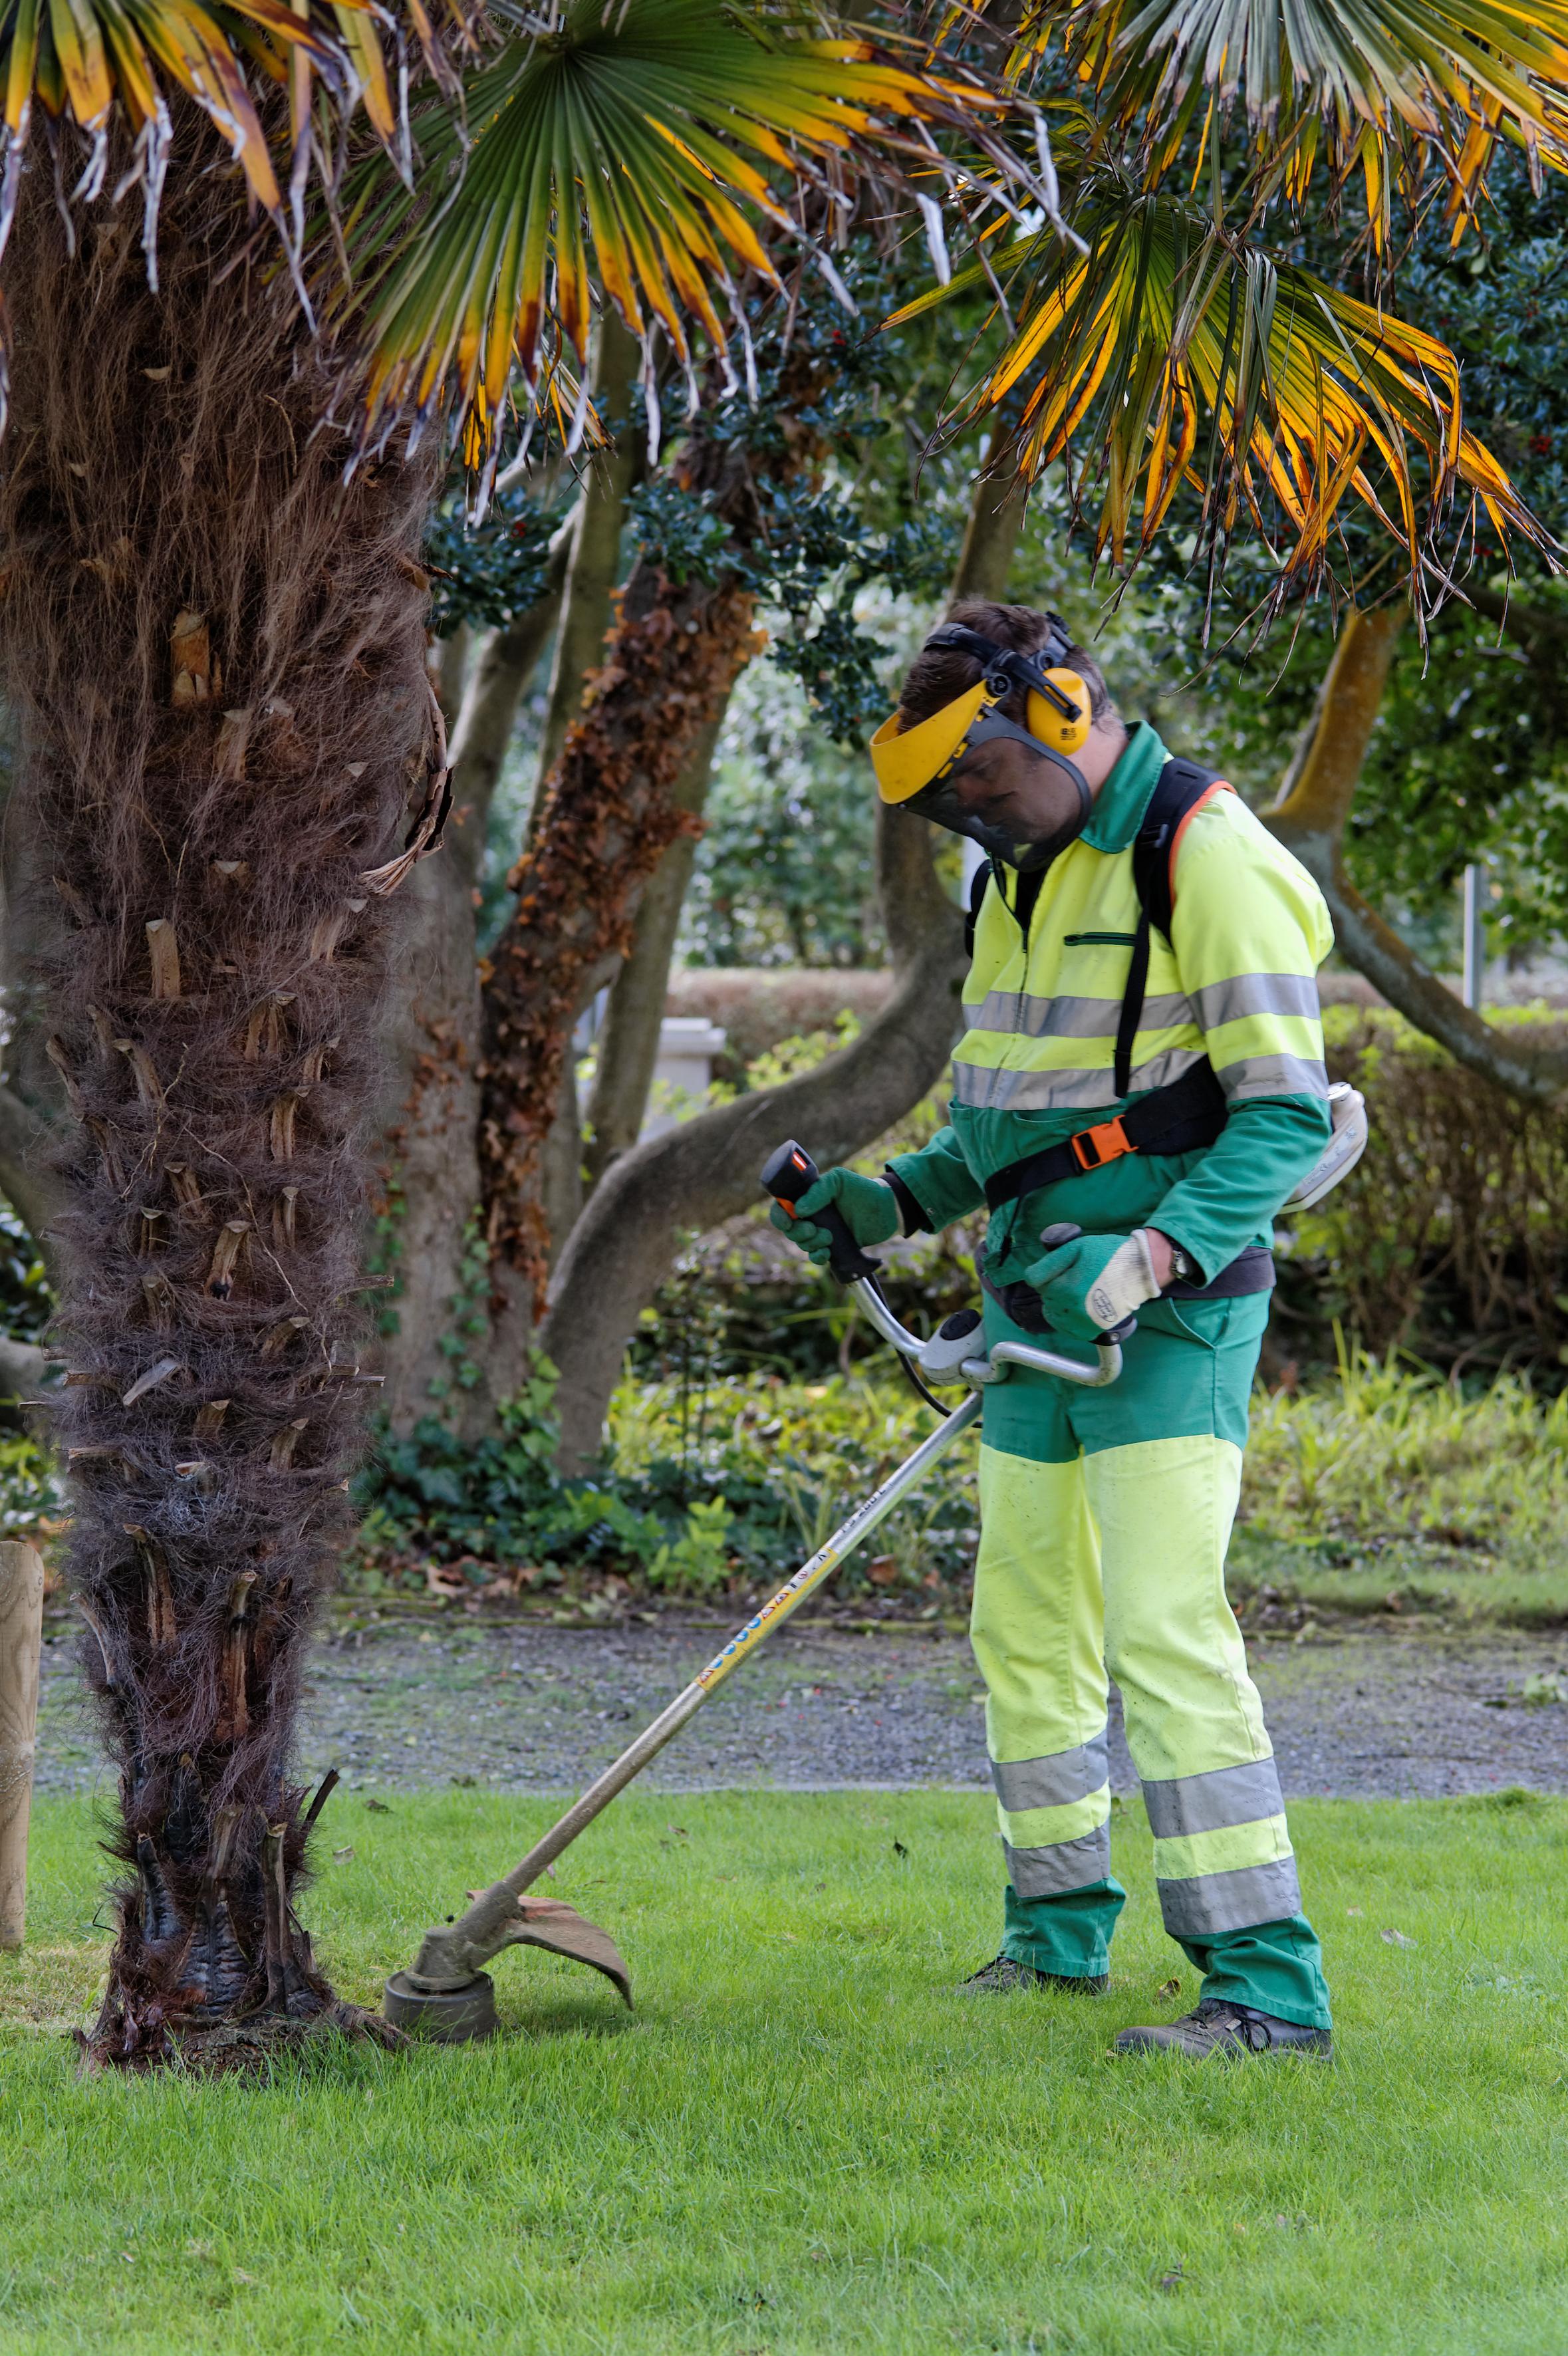 Entretien espaces verts jardins ext rieur les gen ts for Entretien des jardins et espaces verts